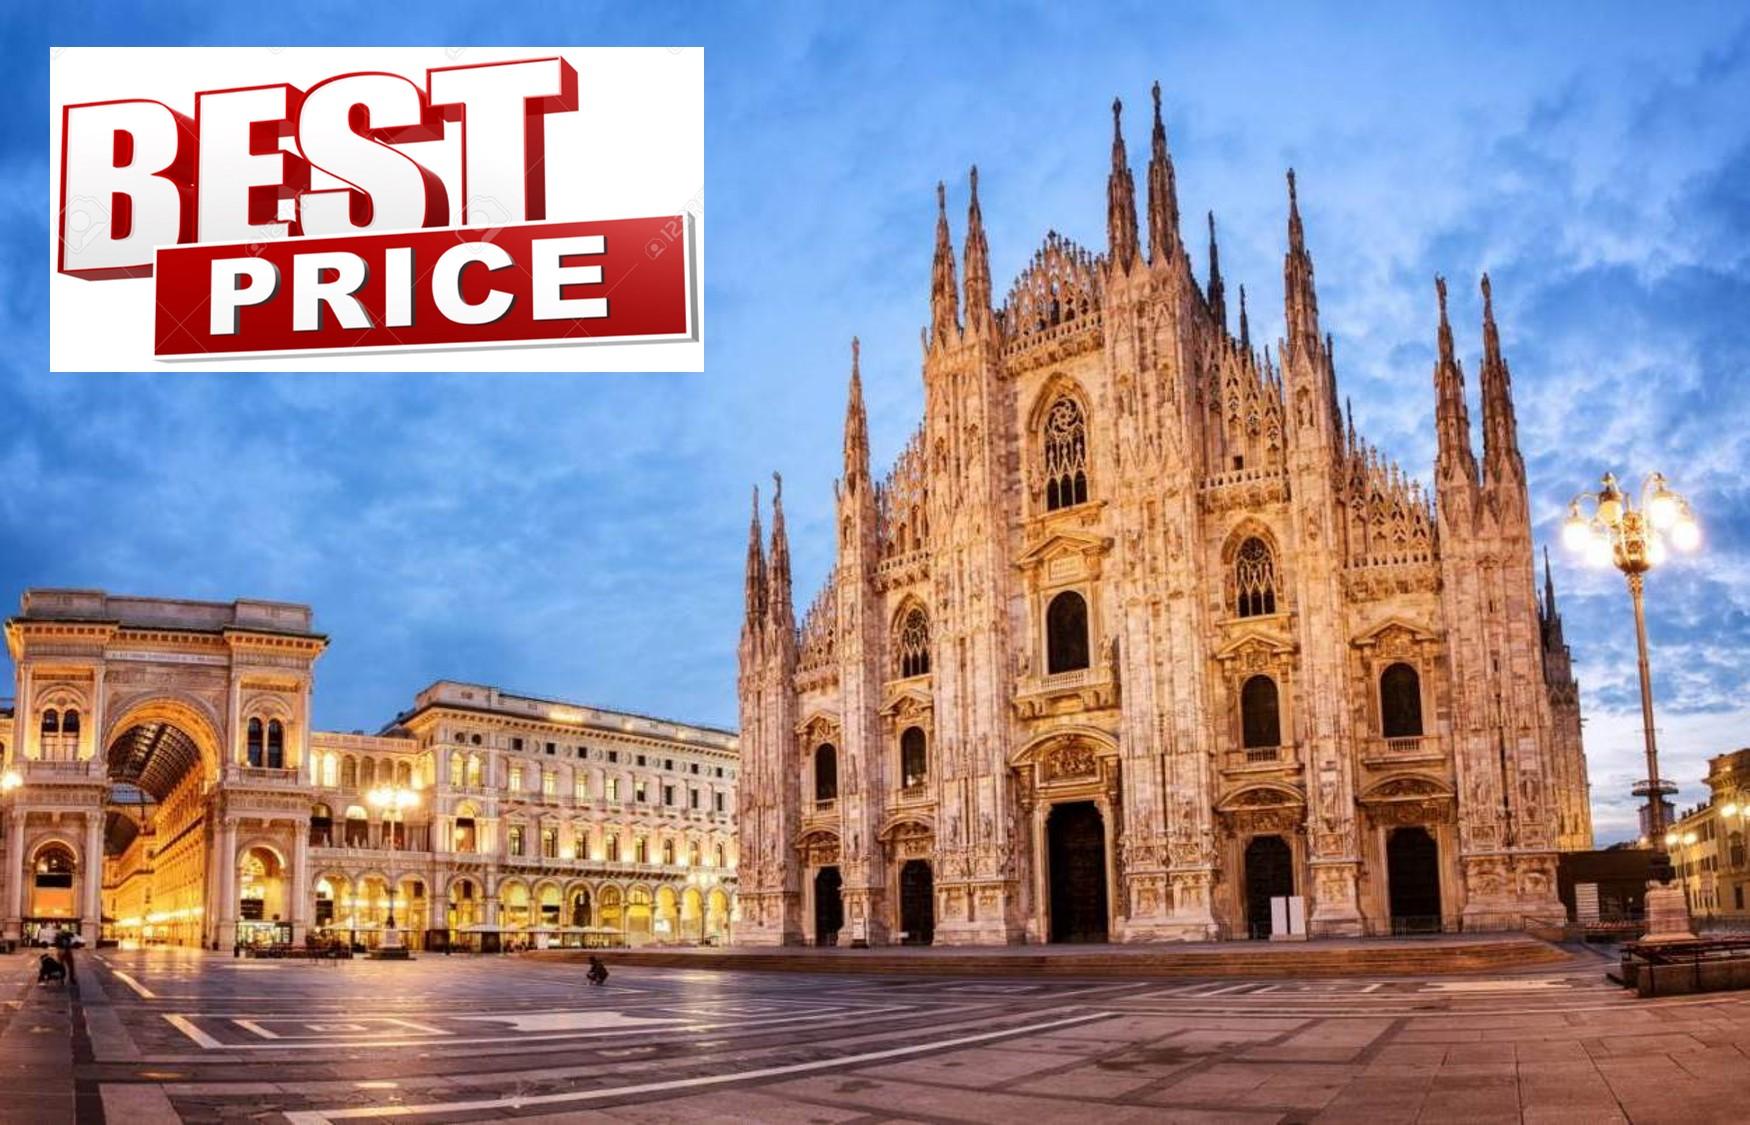 ΜΙΛΑΝΟ στην καλυτερη τιμη της αγορας! Απο 199€ για 4 μερες με Αεροπορικα, Κεντρικο Ξενοδοχειο & Φορους πληρωμενους